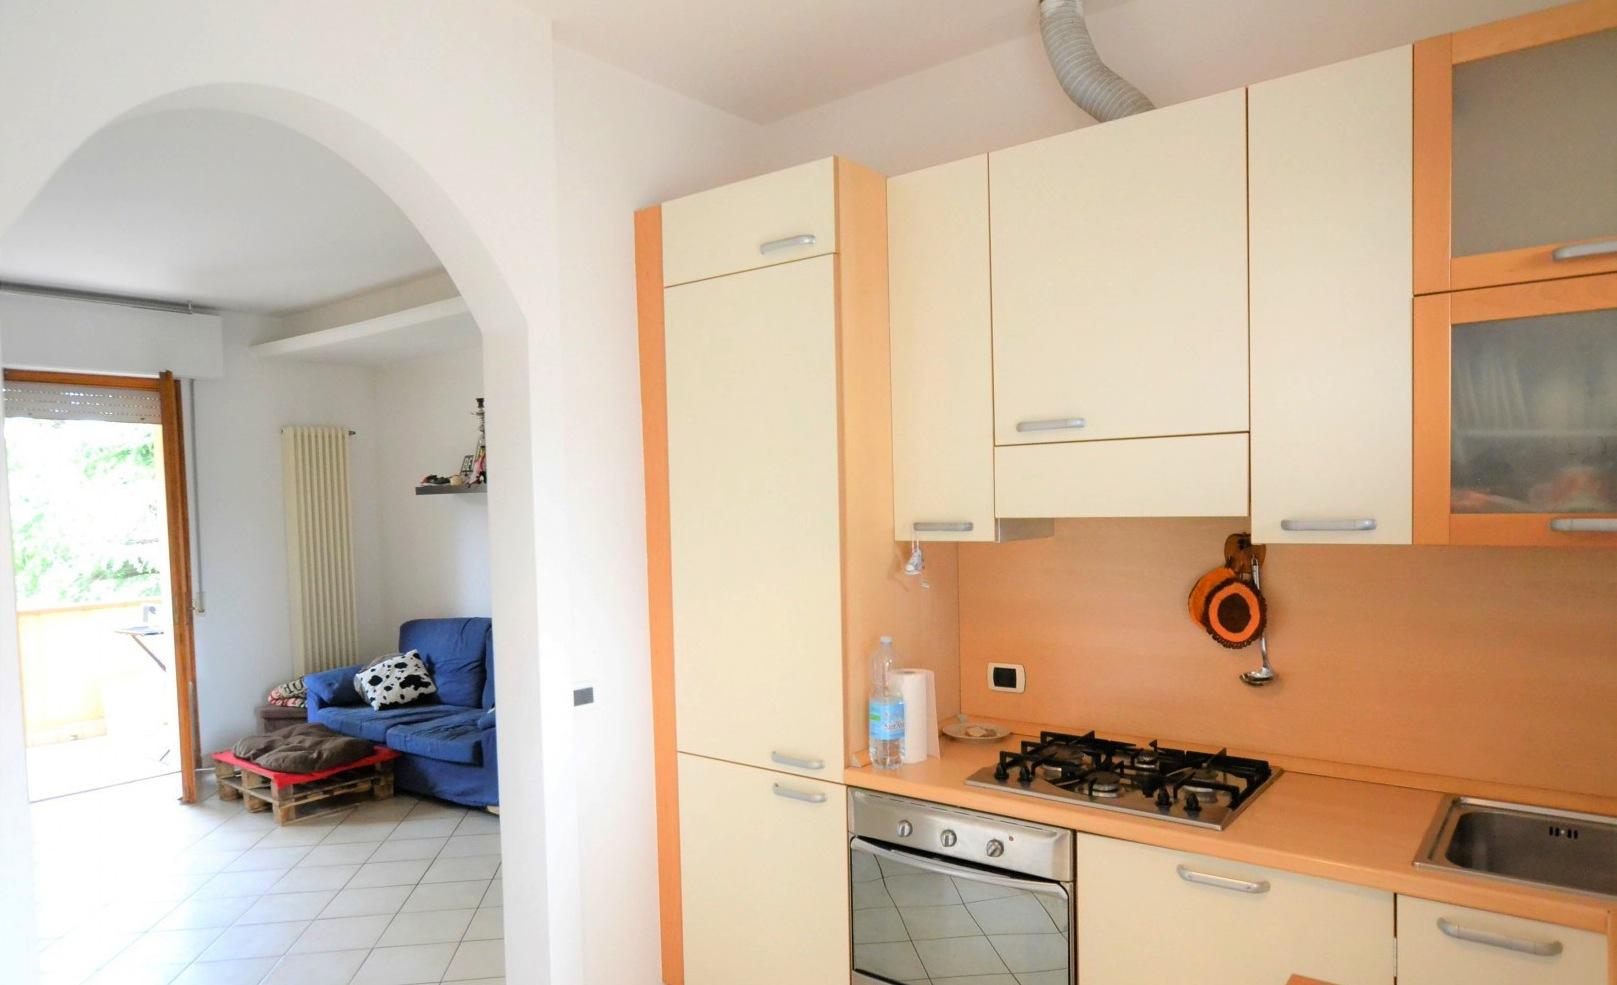 RICCIONE PUNTA DELL'EST, Attico in affitto ad agosto con terrazzi abitabili